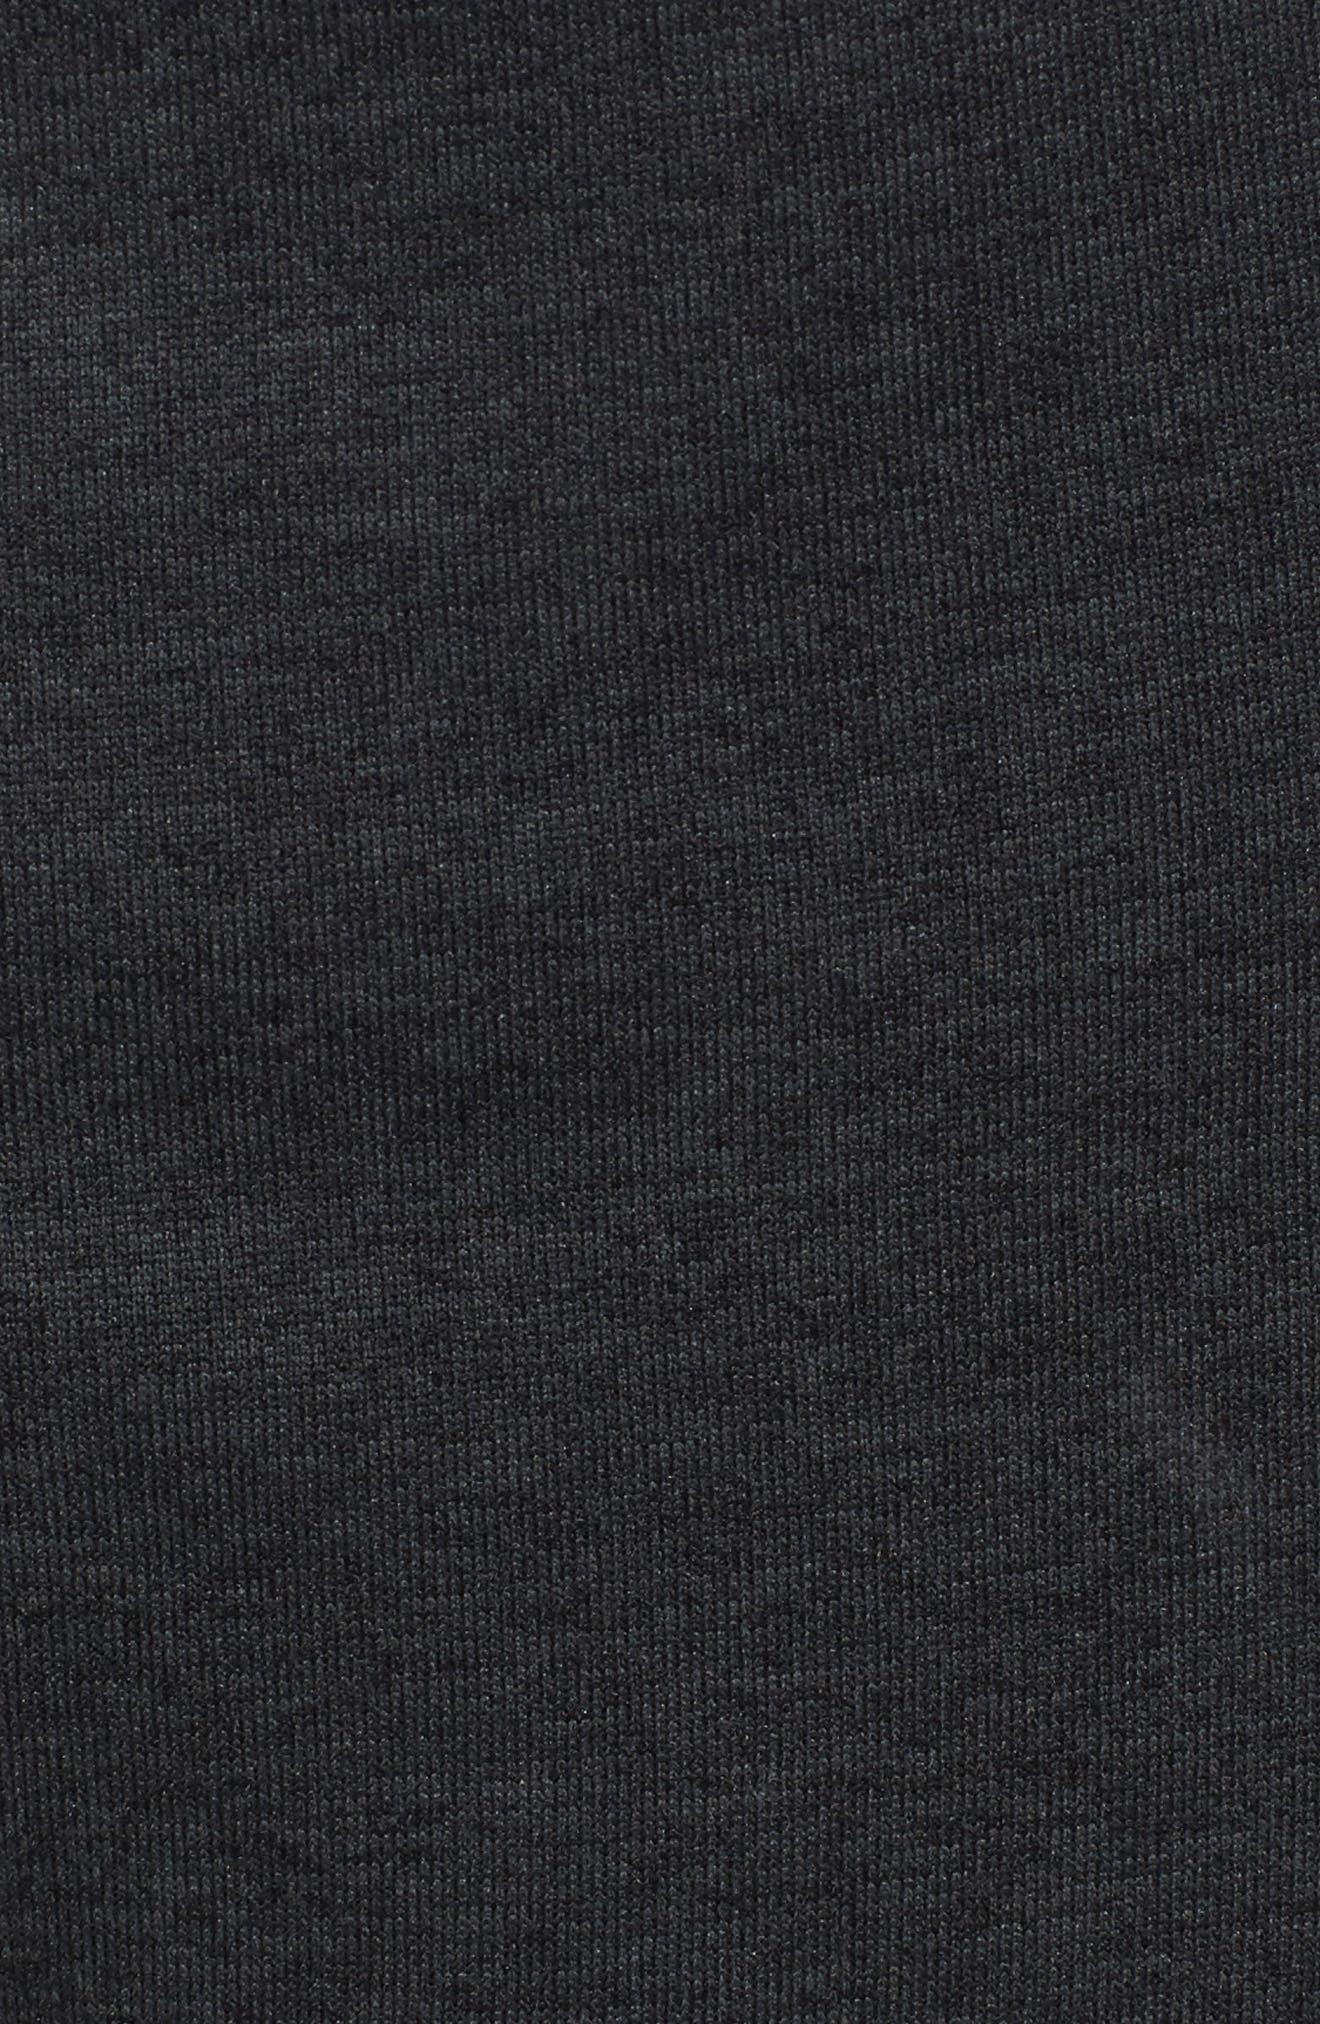 Dri-FIT Disperse Jogger Pants,                             Alternate thumbnail 5, color,                             Black